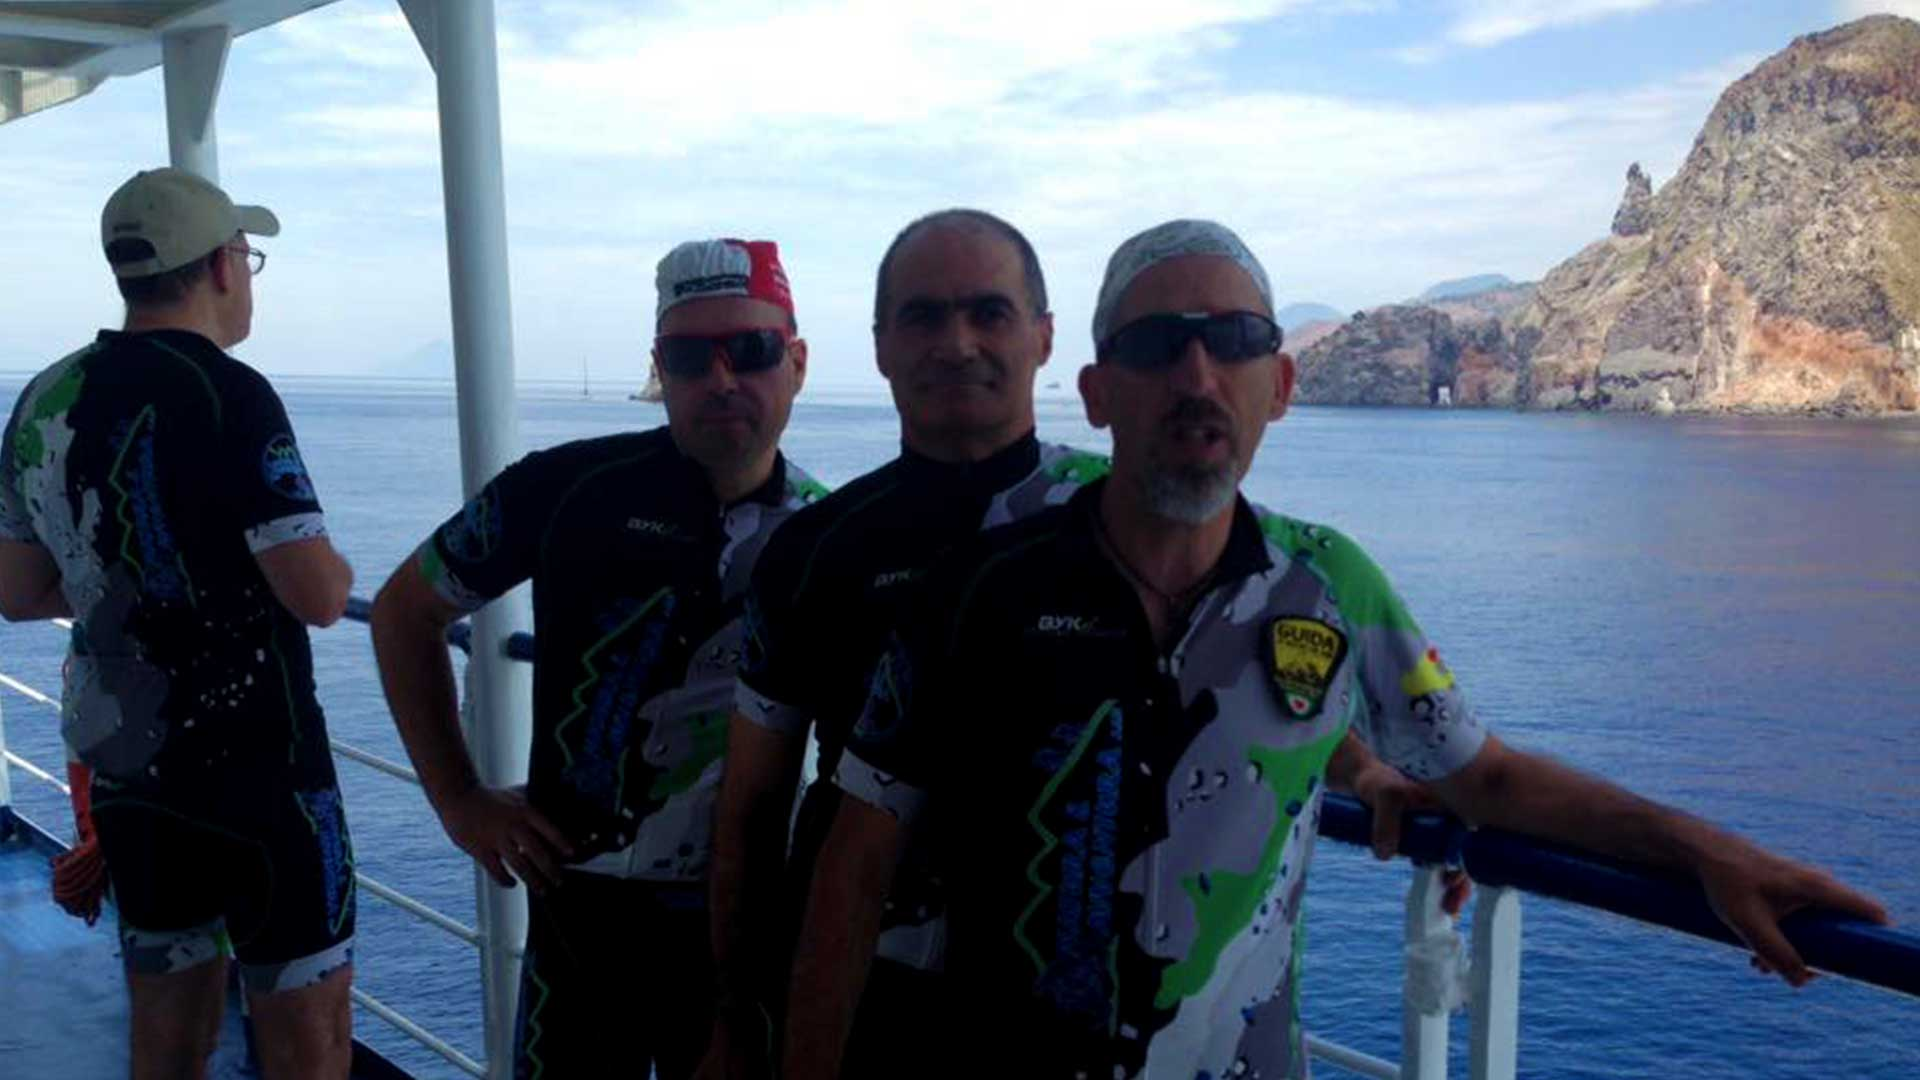 Escursione in mountain bike sull'Isola di Salina - Isole Eolie